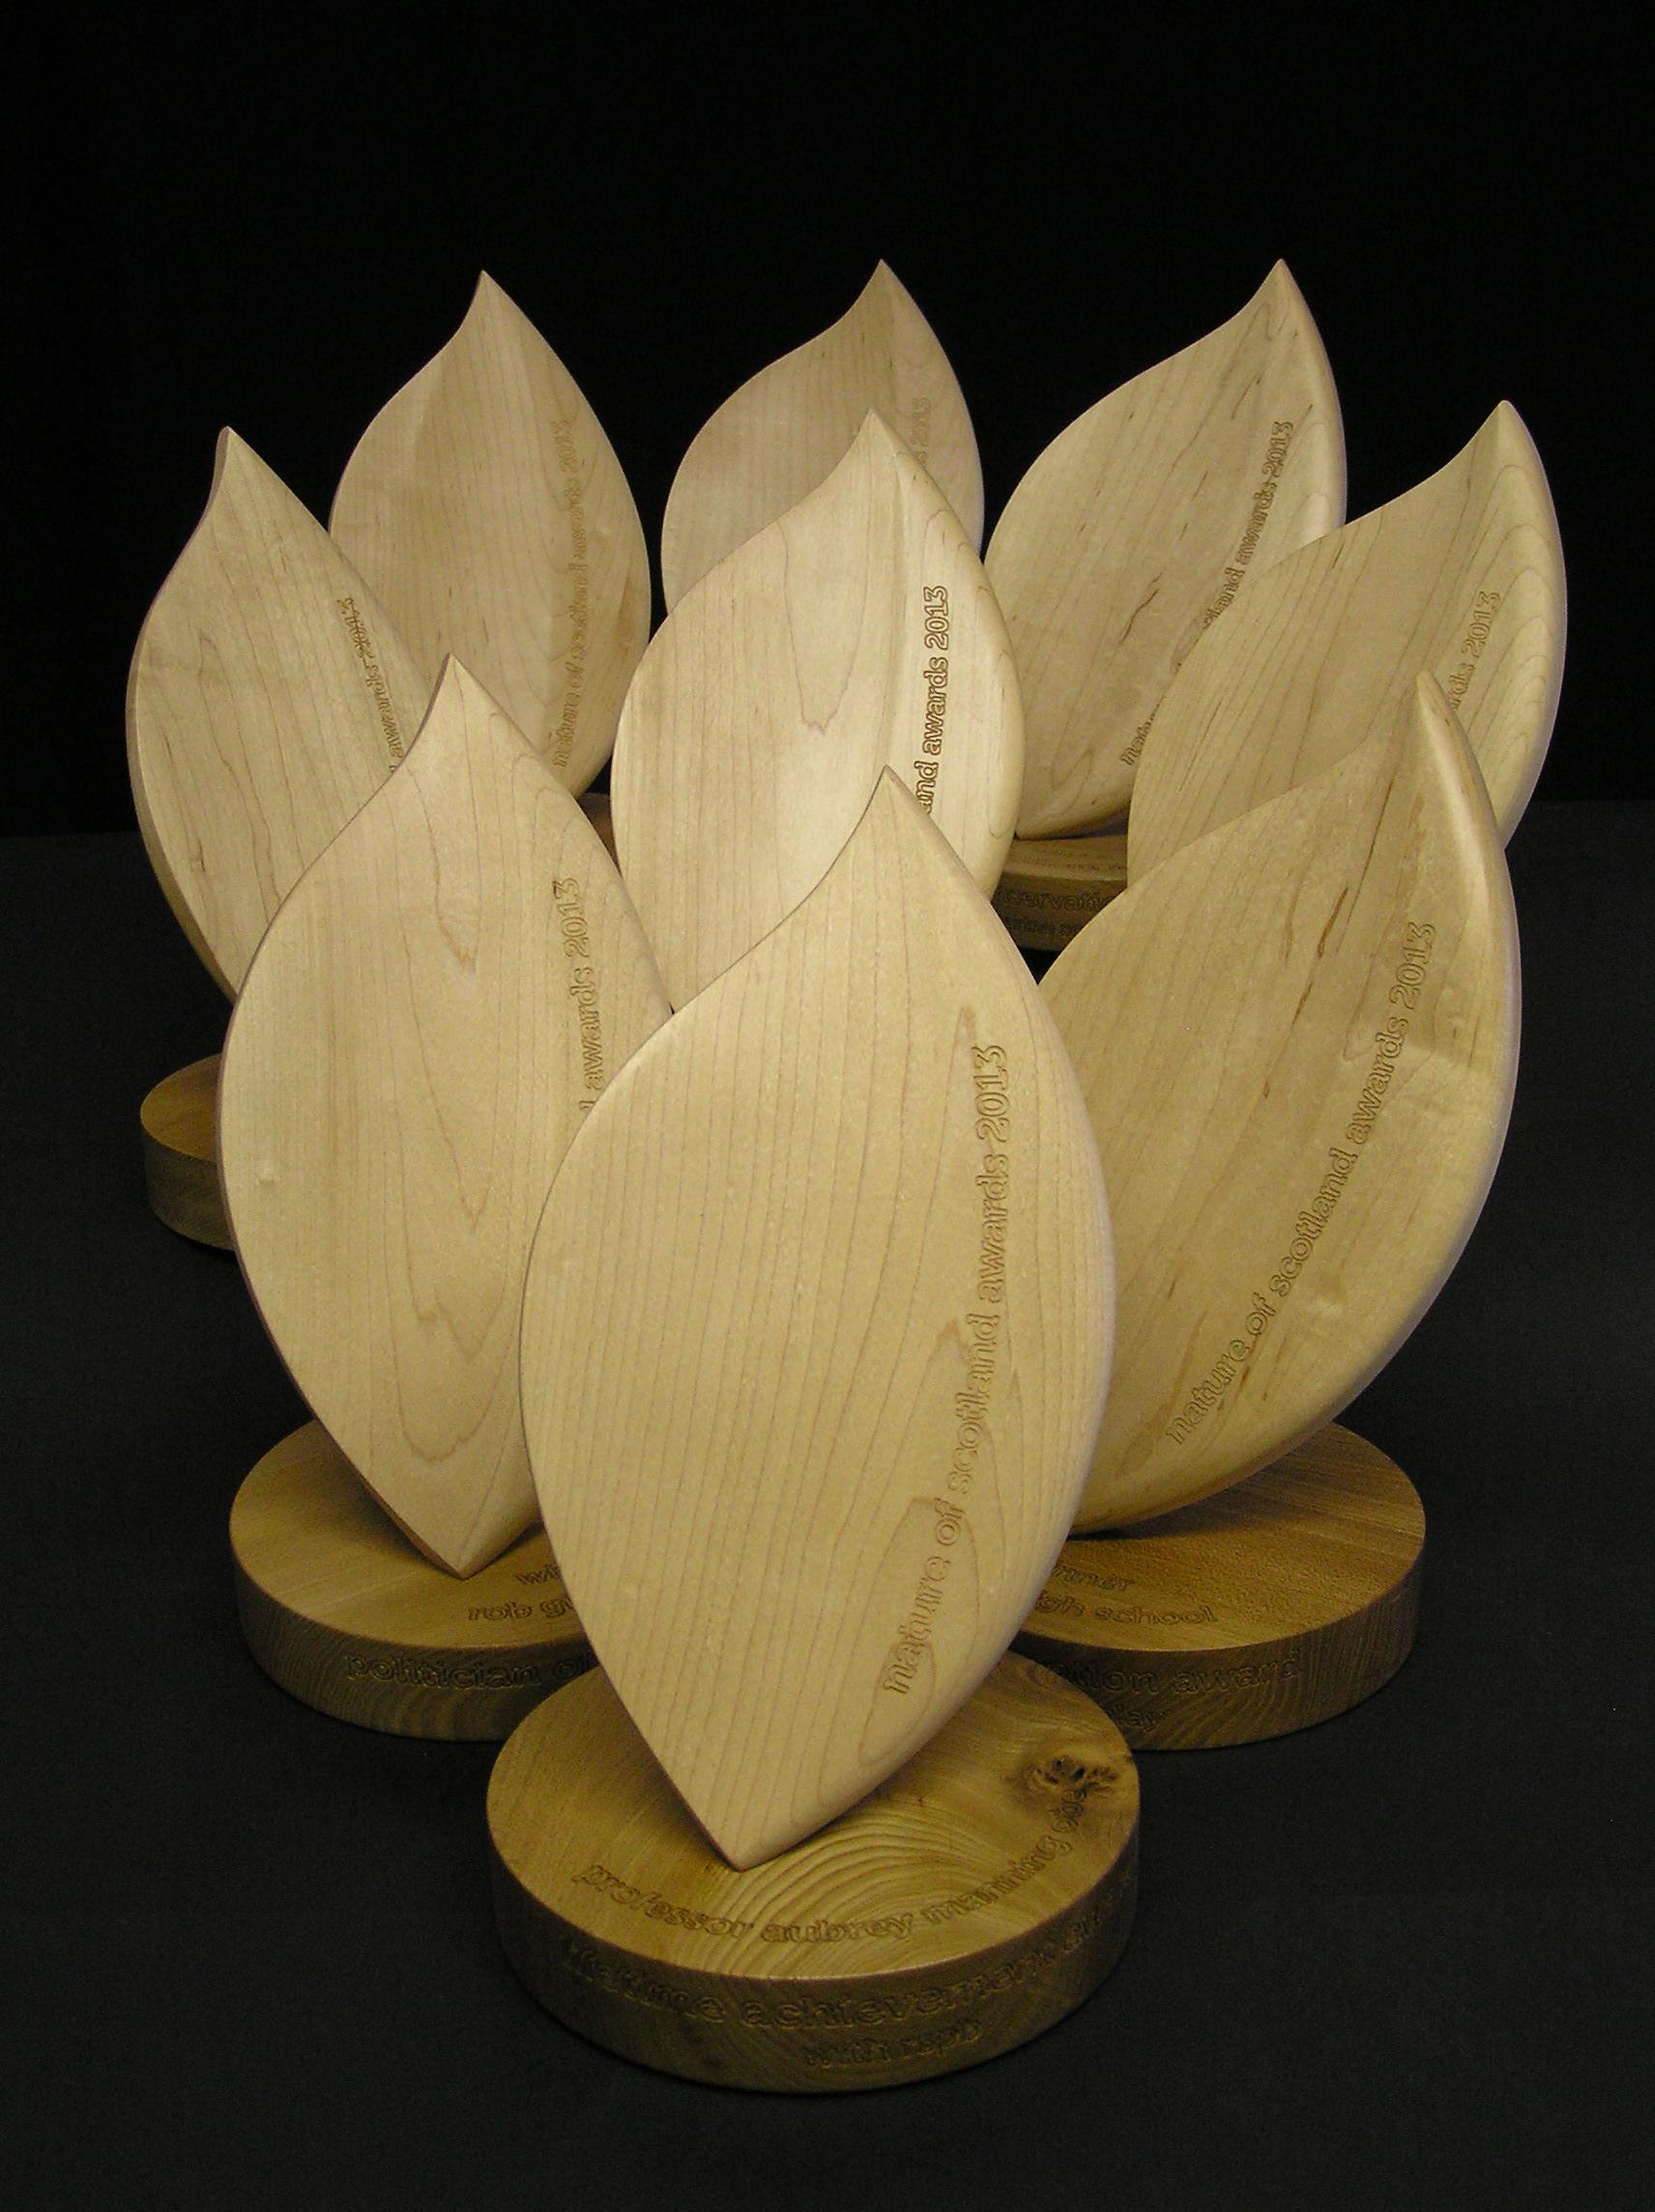 designed, hand-made, bespoke, RSPB, sycamore, elm, Scotland, made in Scotland, awards, sculpture,